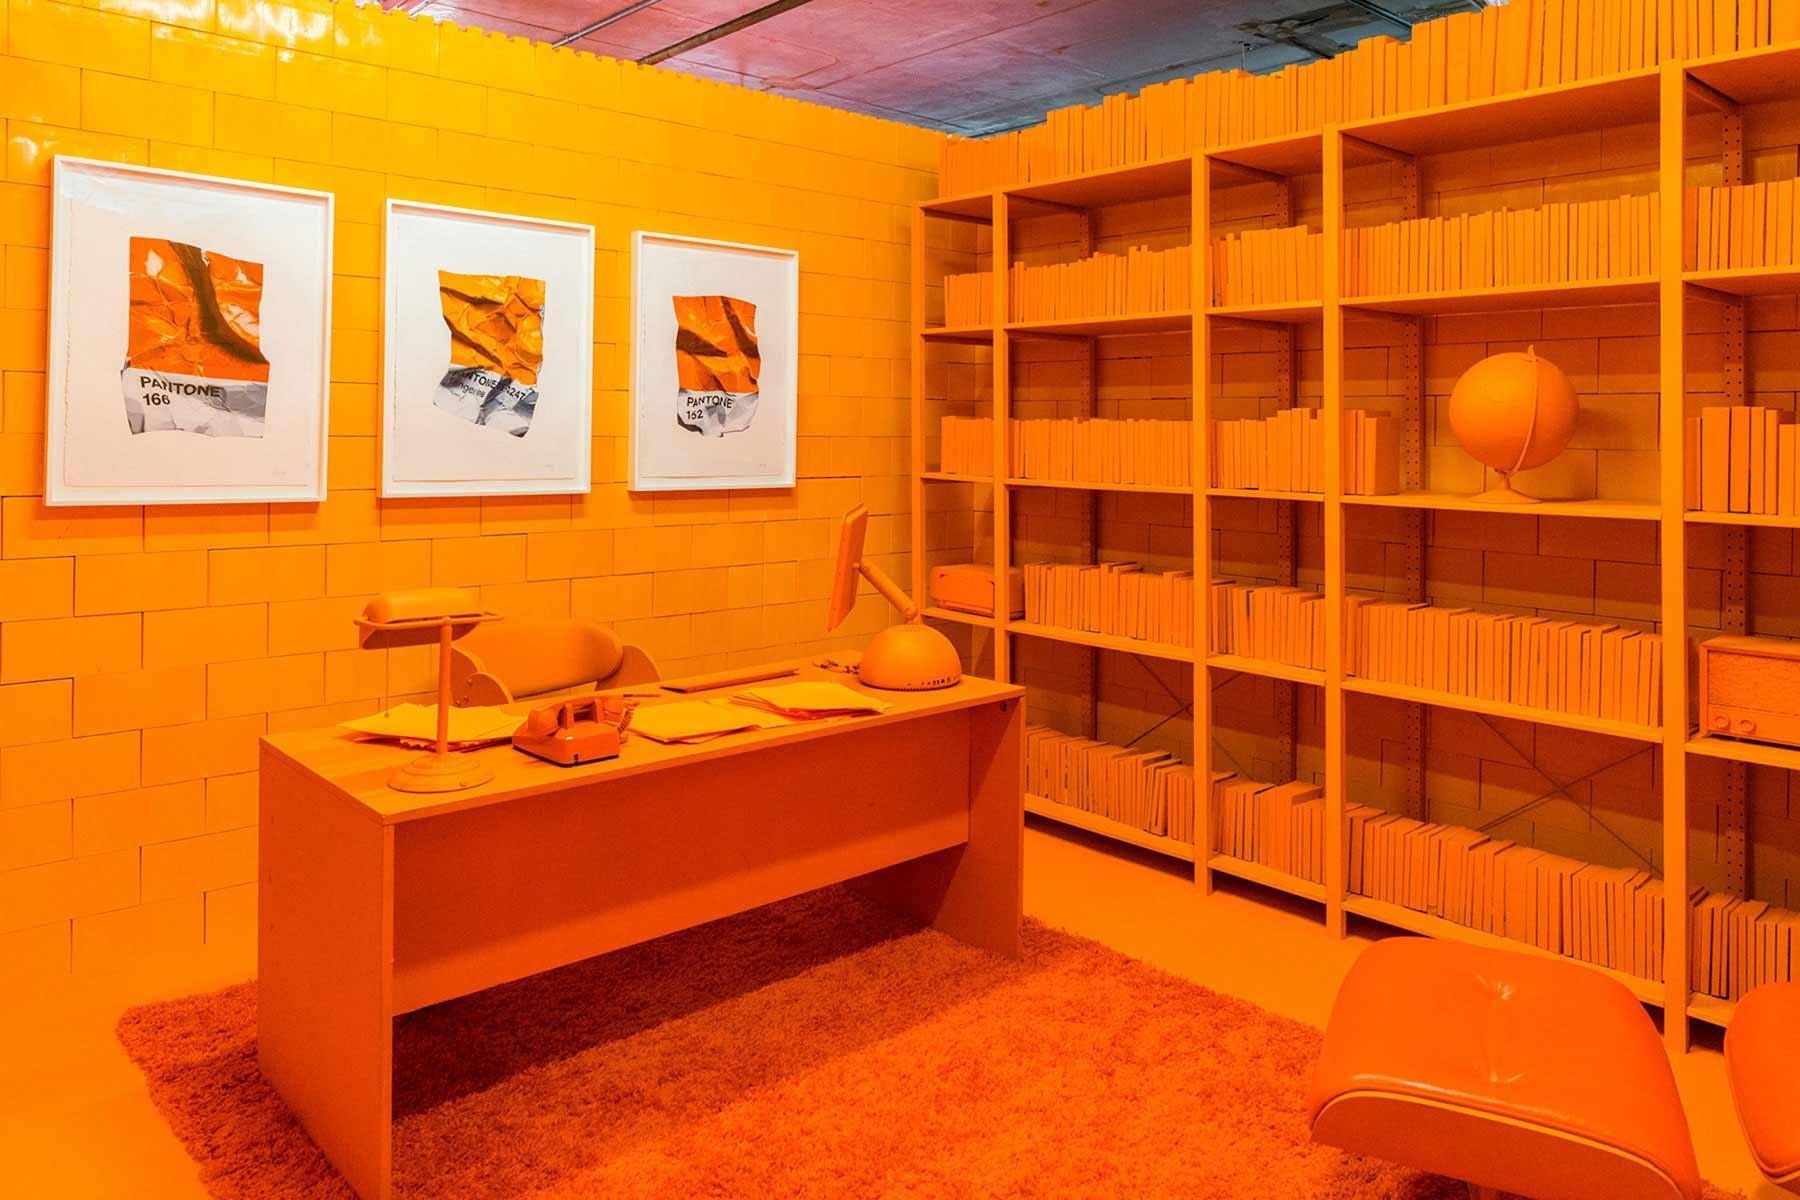 Ein Raum, eine Farbe Monochrome_CJ-Hendry_02